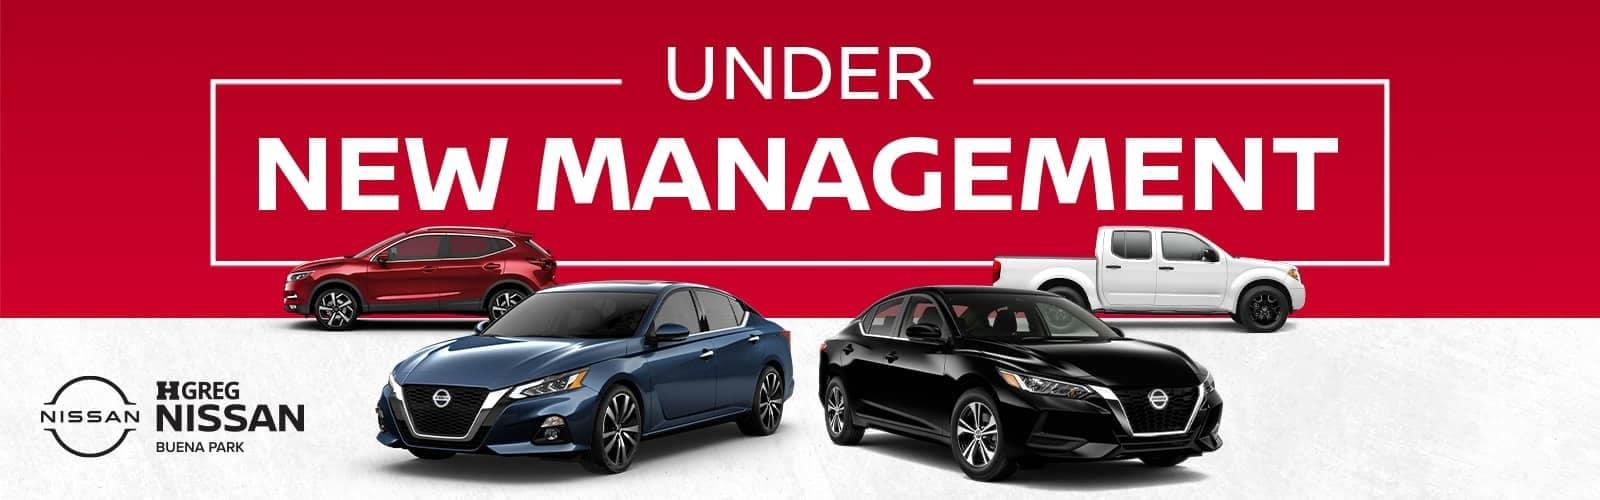 under new management banner